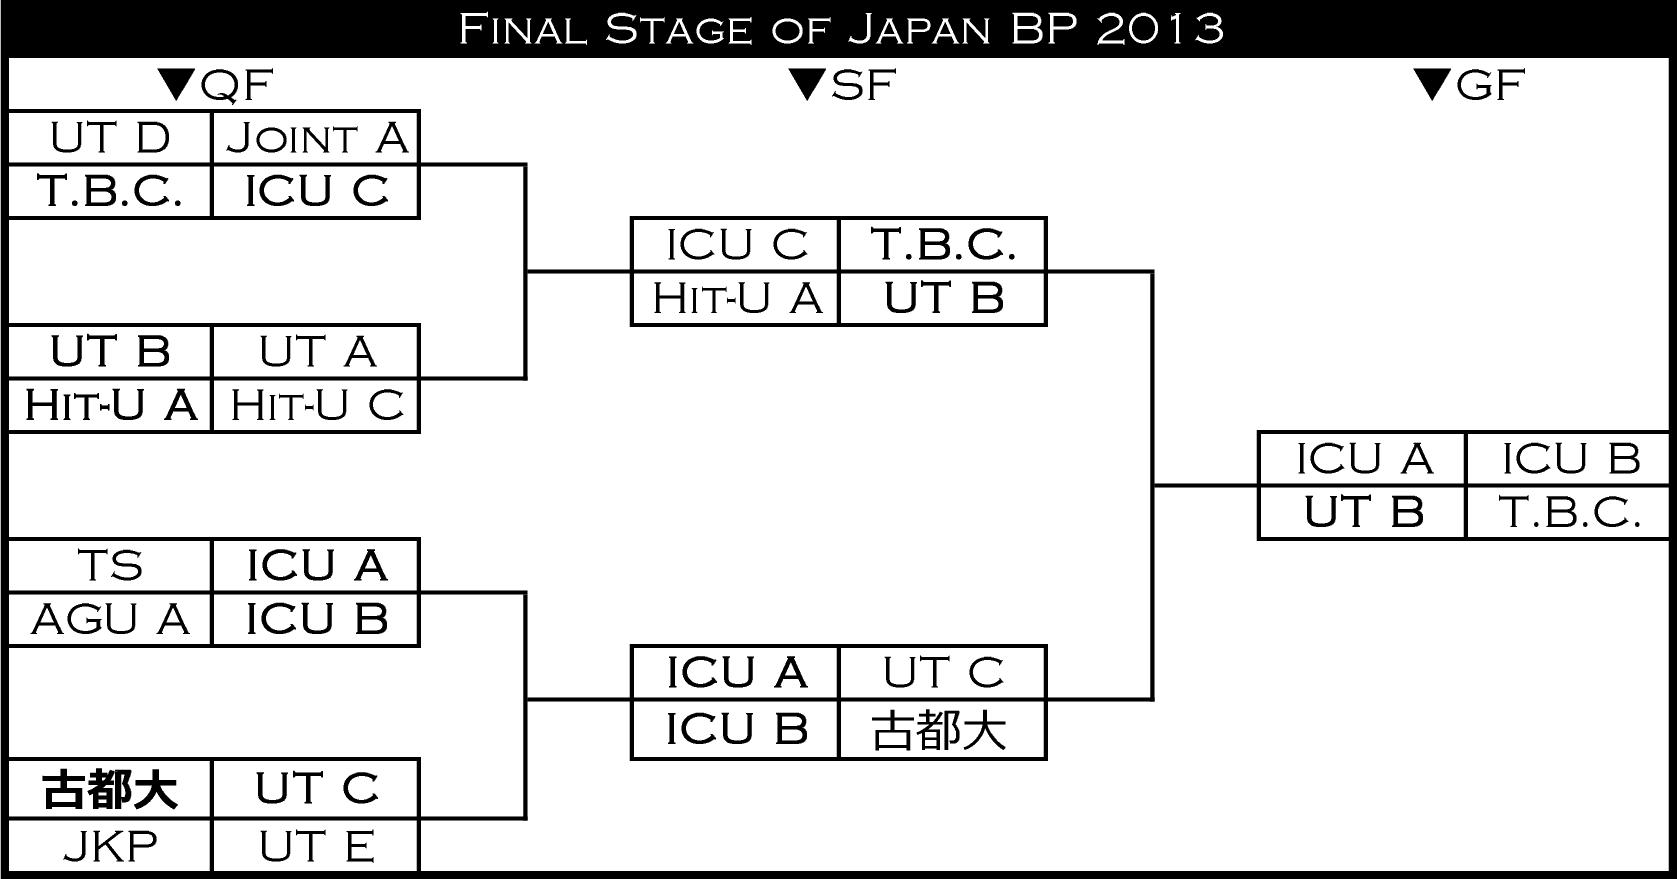 jbp13finalstage